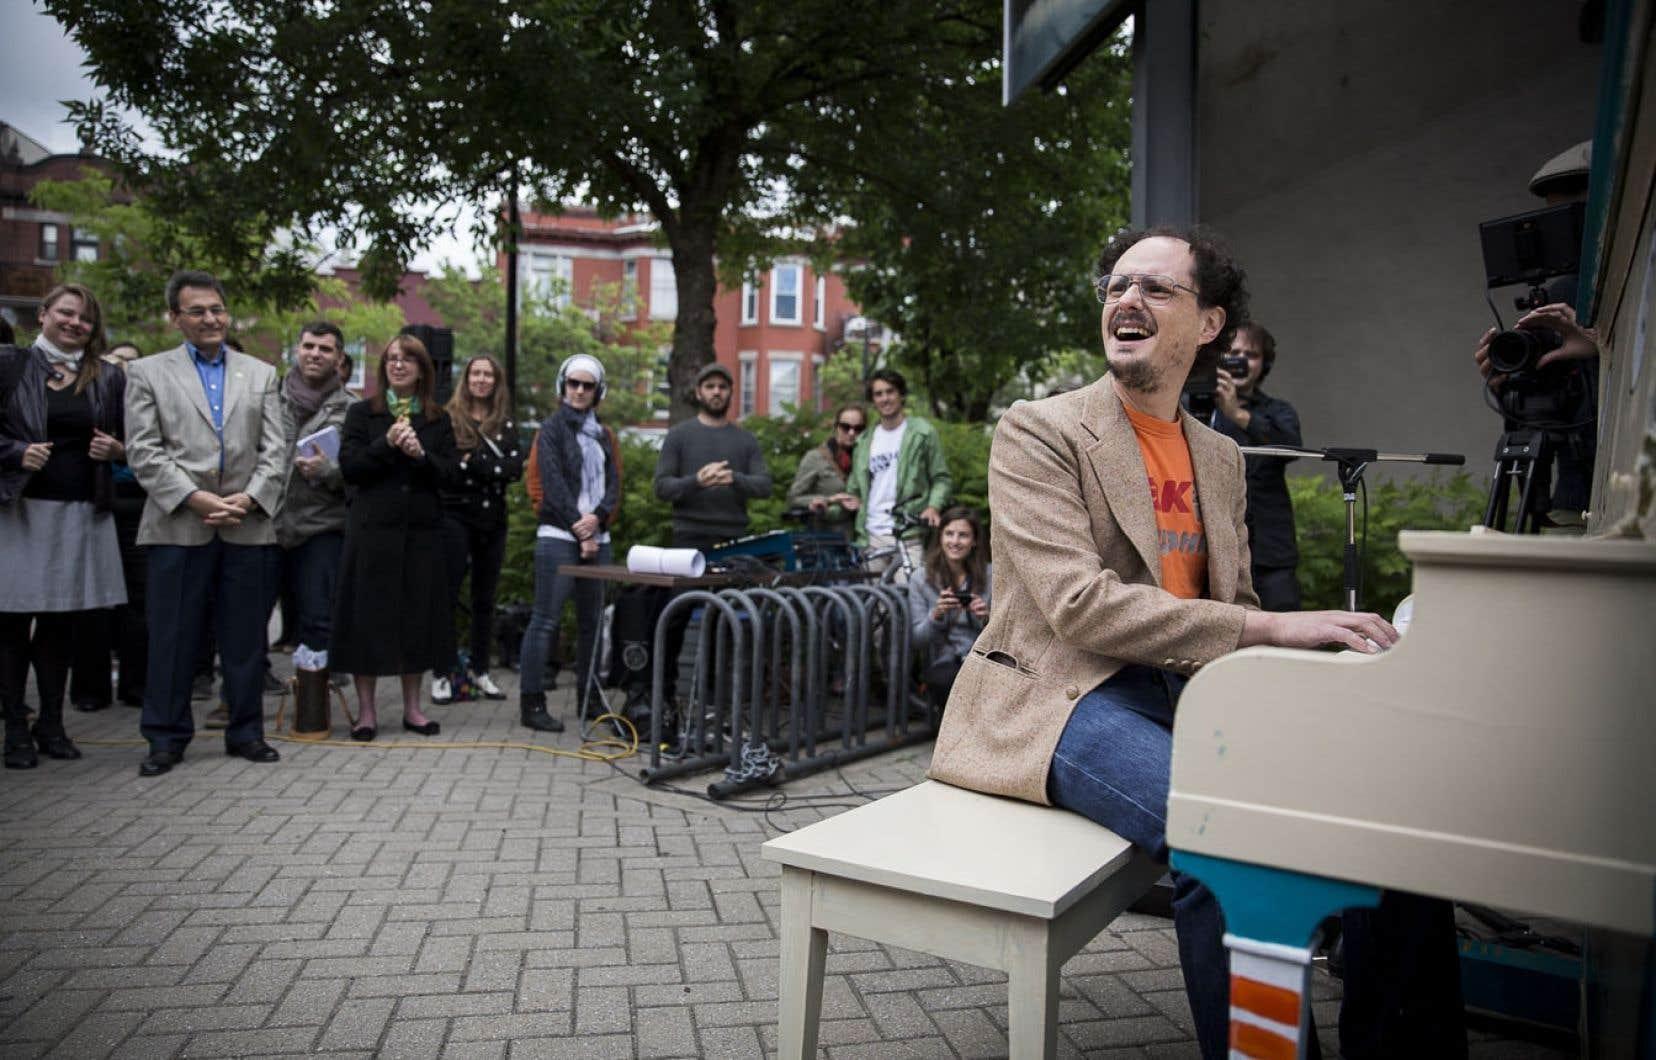 L'été, quelques points du quartier deviennent des lieux de création spontanée avec l'expérience Piano des villes, piano des champs. En juin dernier, l'artiste Socalled s'est mis à l'œuvre sur un piano placé près de la bibliothèque du Mile-End.